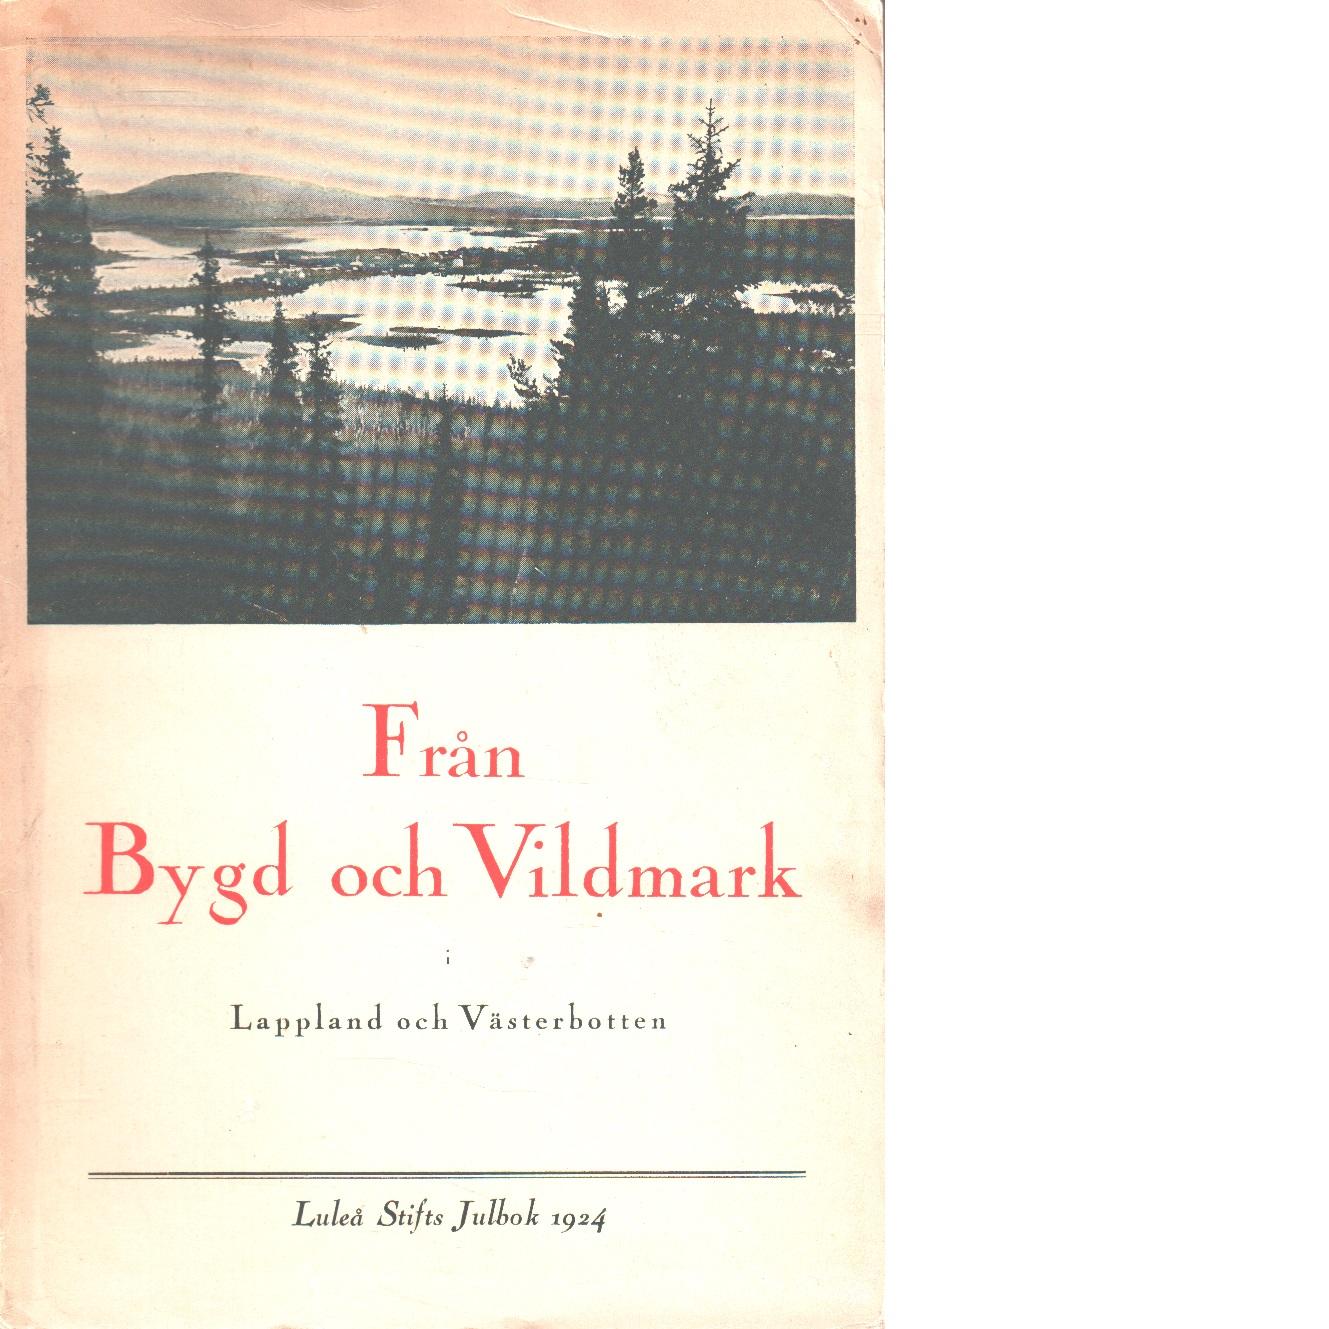 Från bygd och vildmark i Lappland och Västerbotten - , Red.